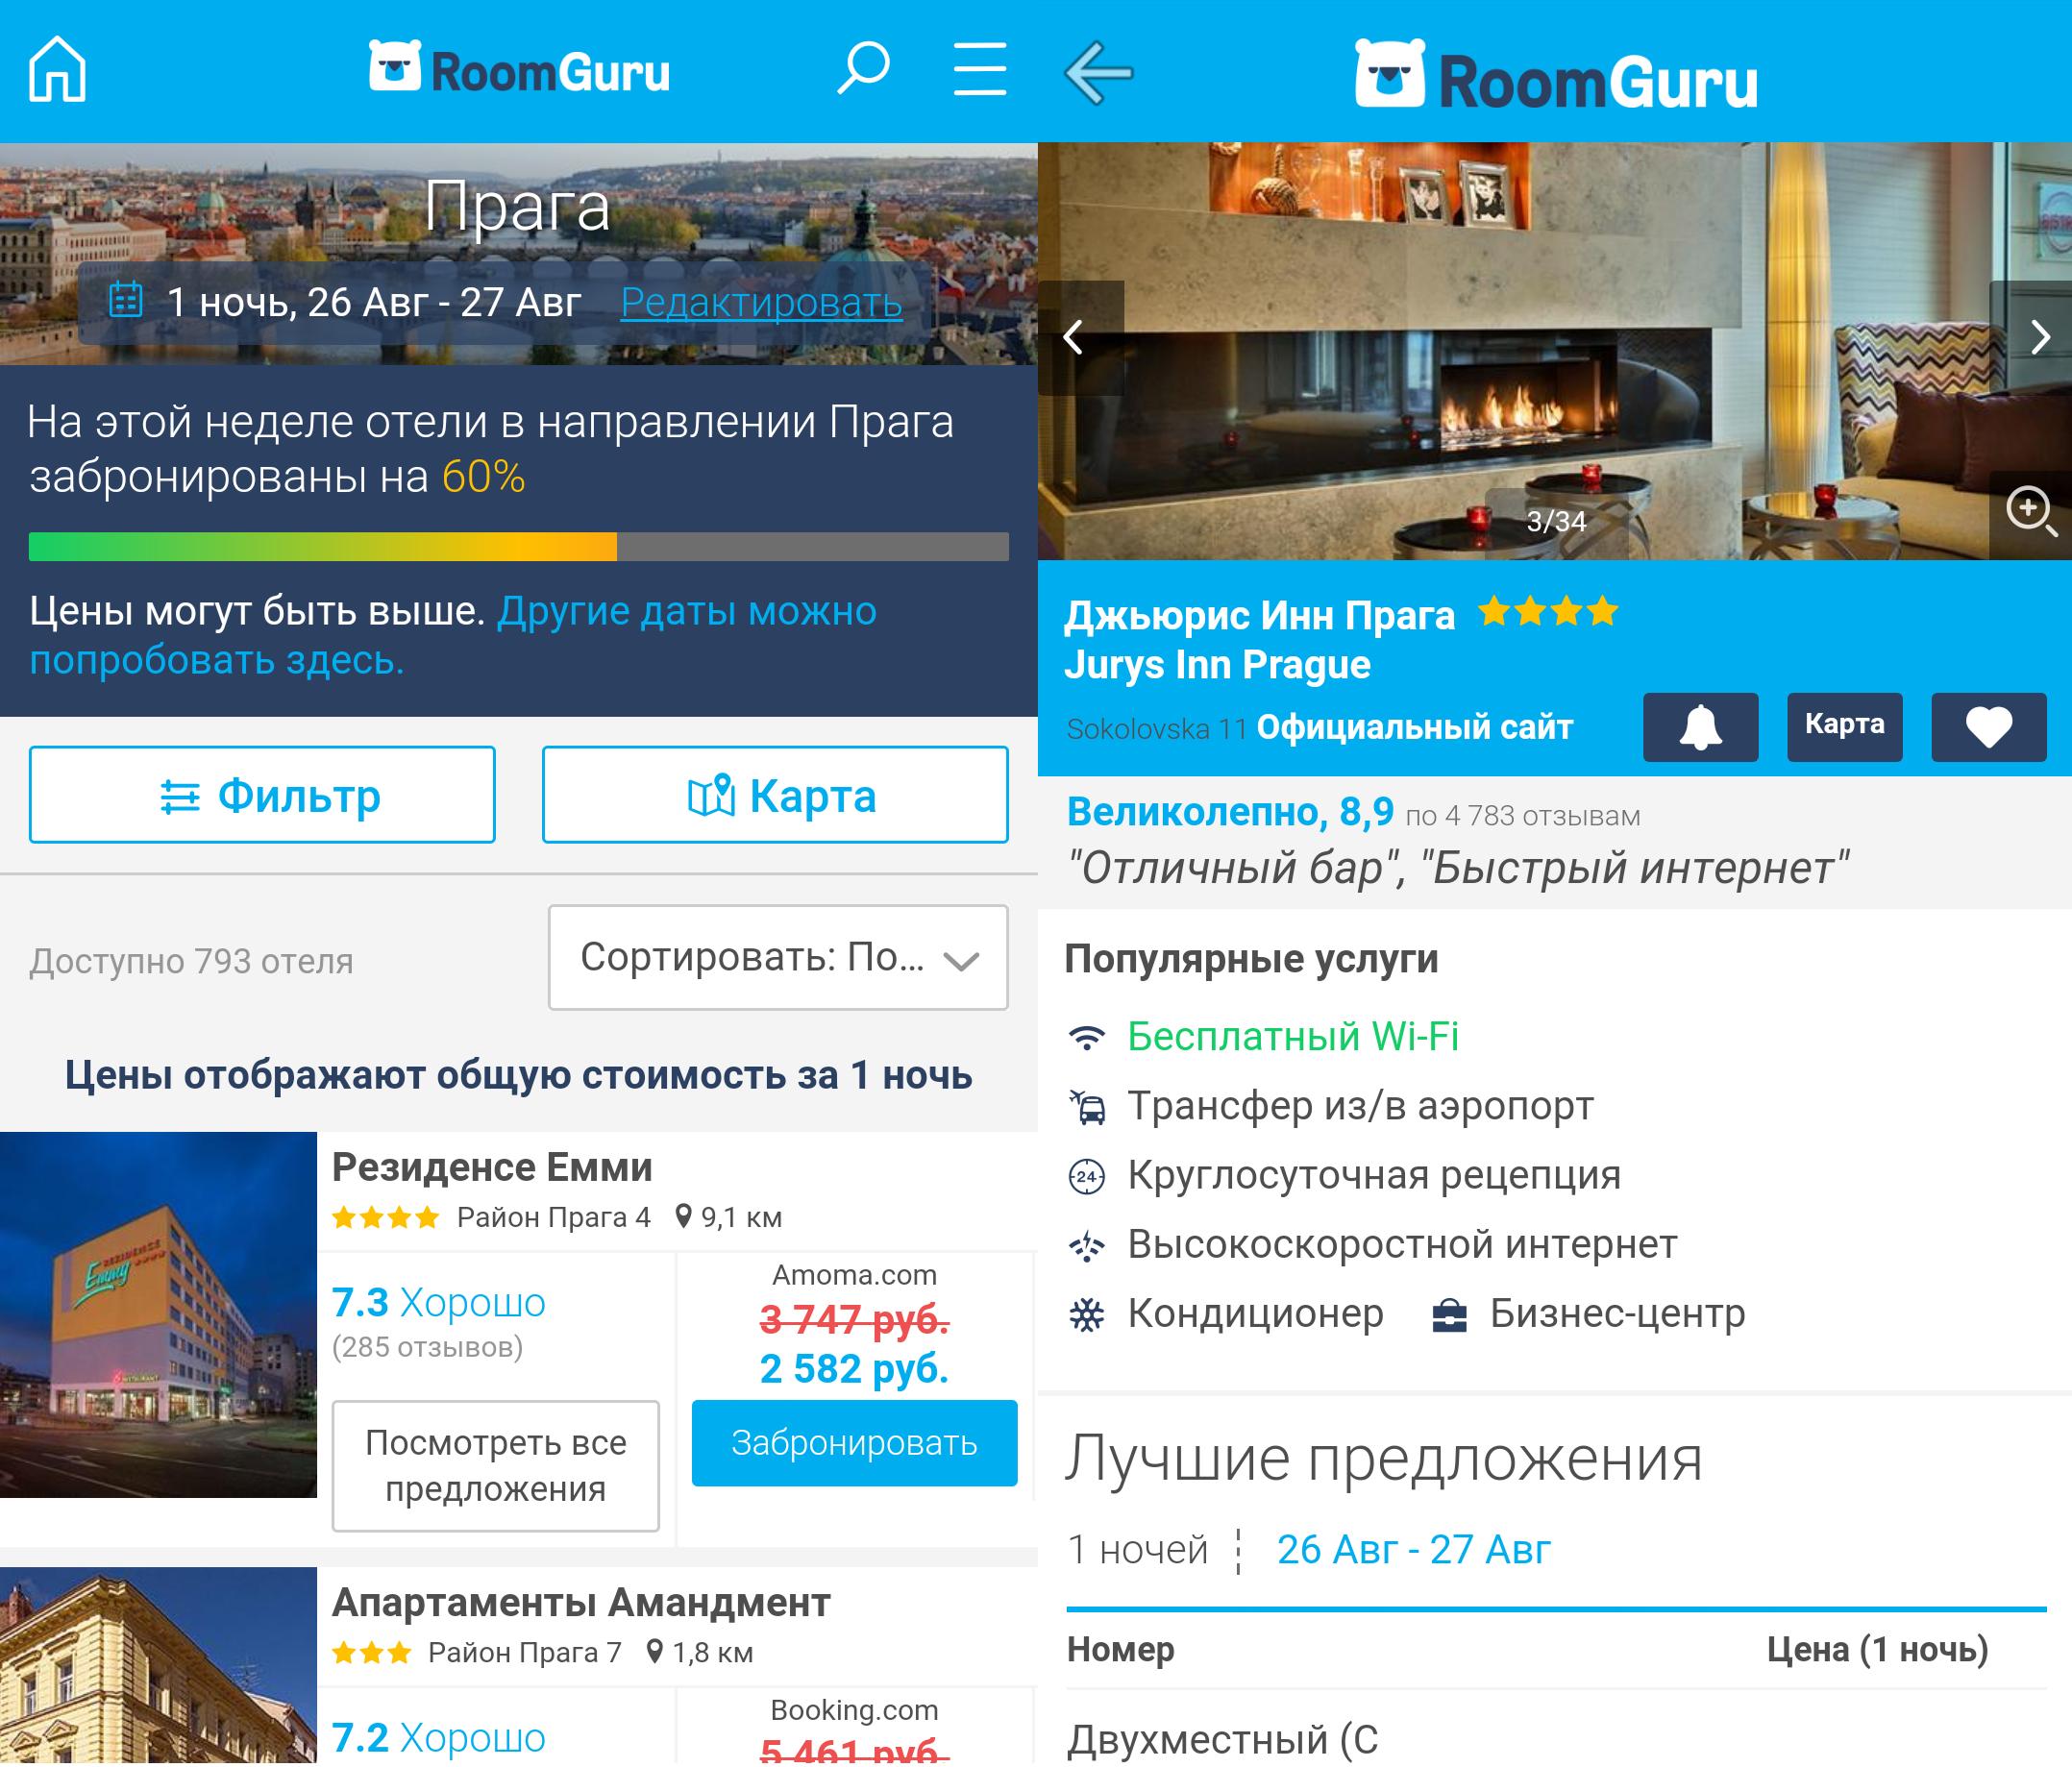 Как приложение RoomGuru помогает не переплачивать за отели